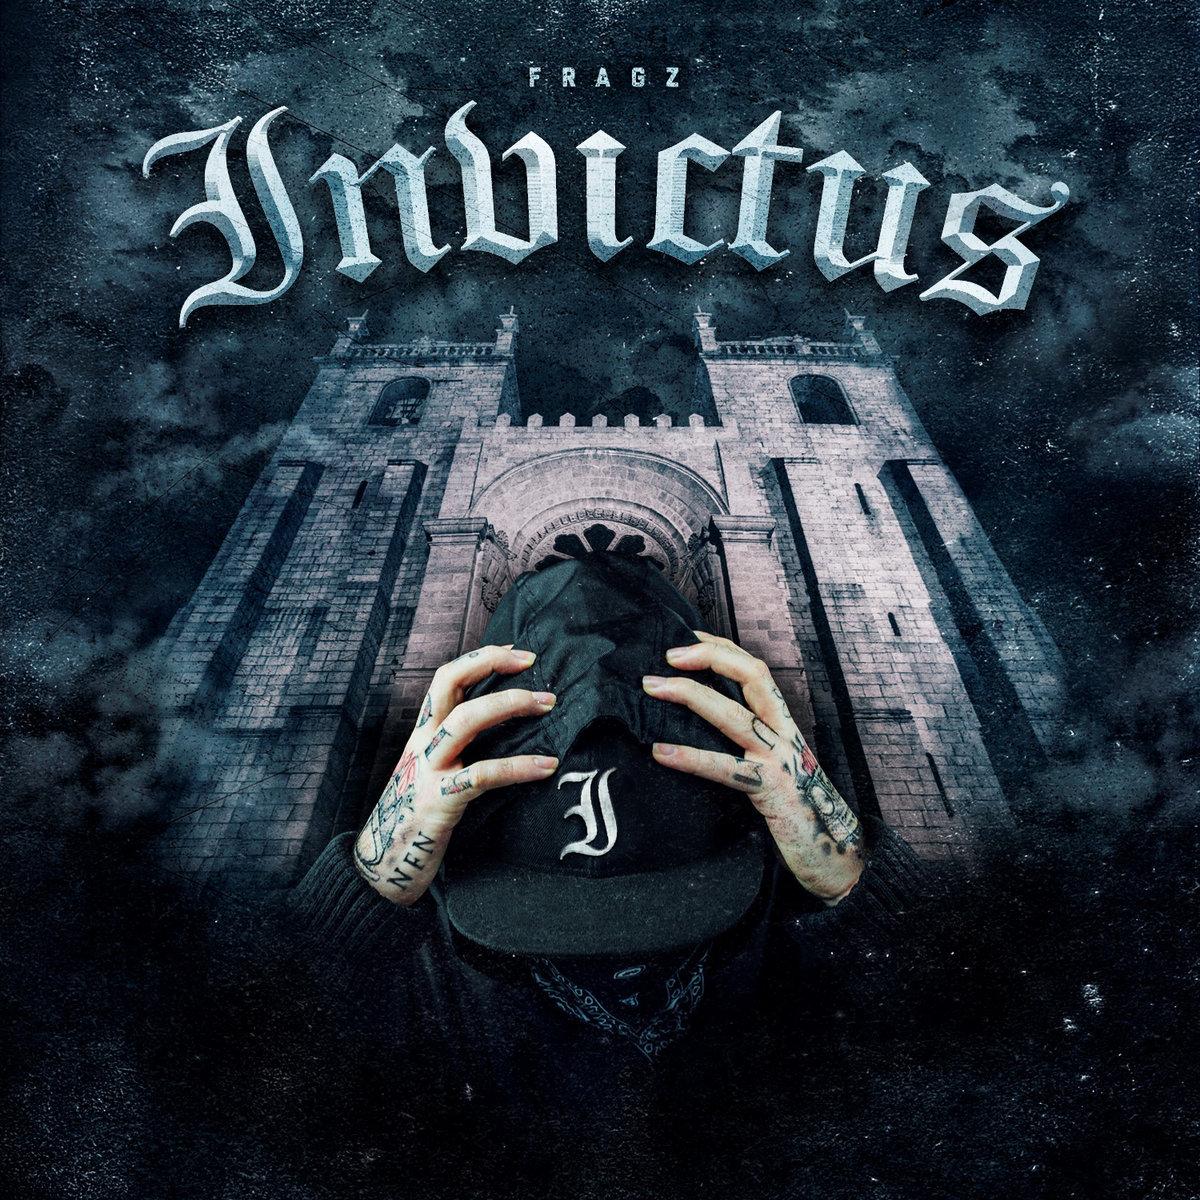 Fragz - Invictus LP